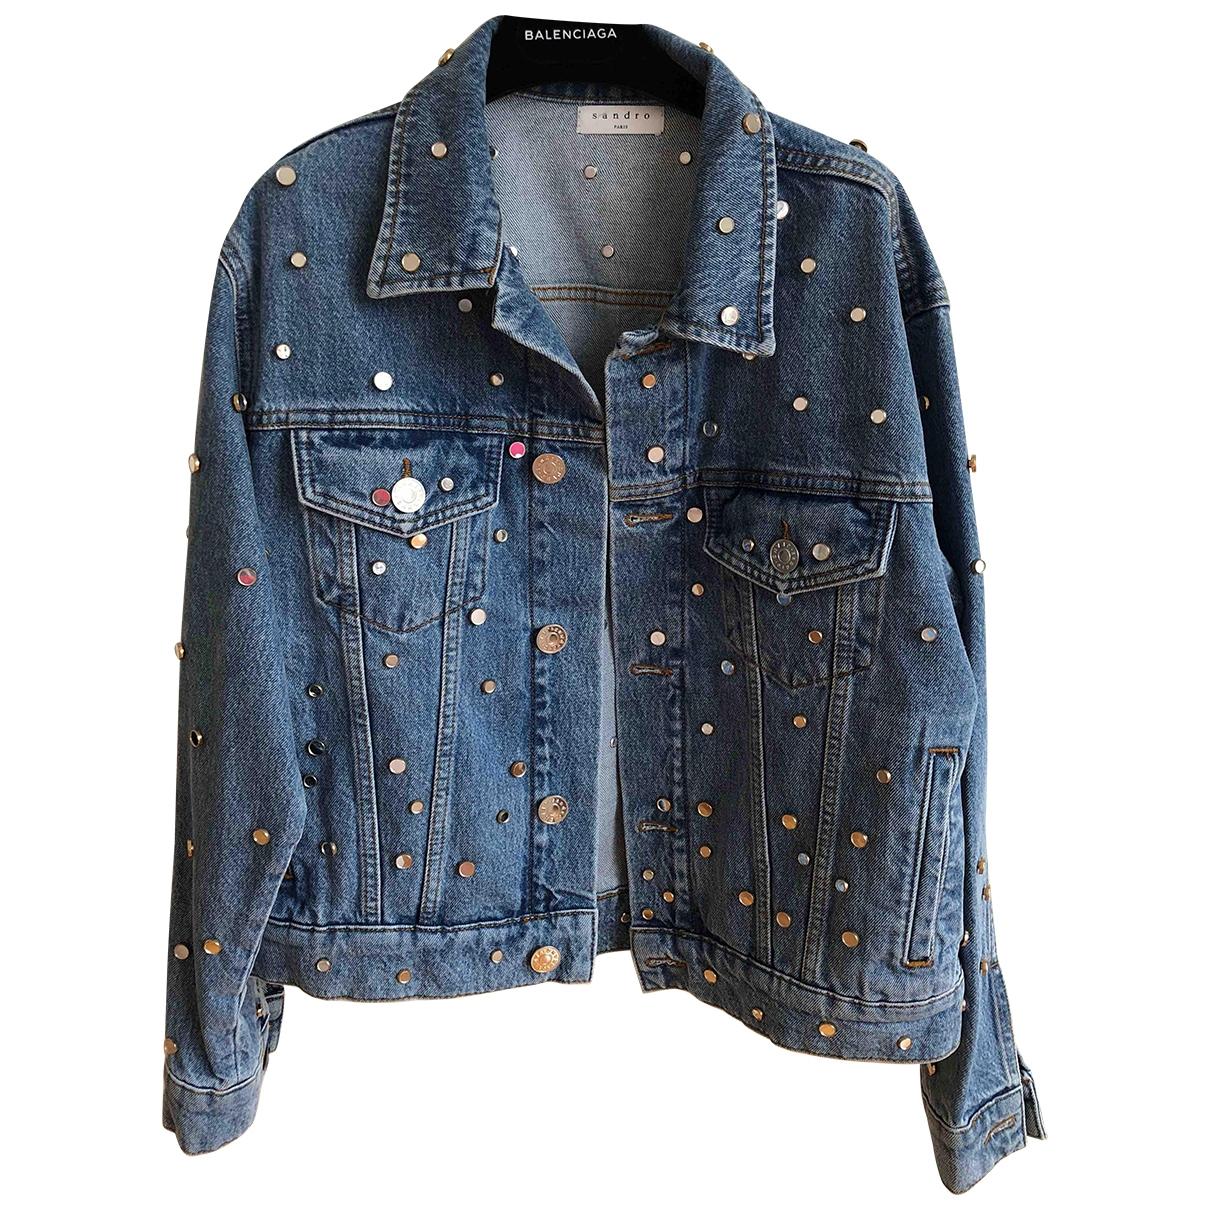 Sandro Fall Winter 2019 Blue Denim - Jeans jacket for Women 36 FR